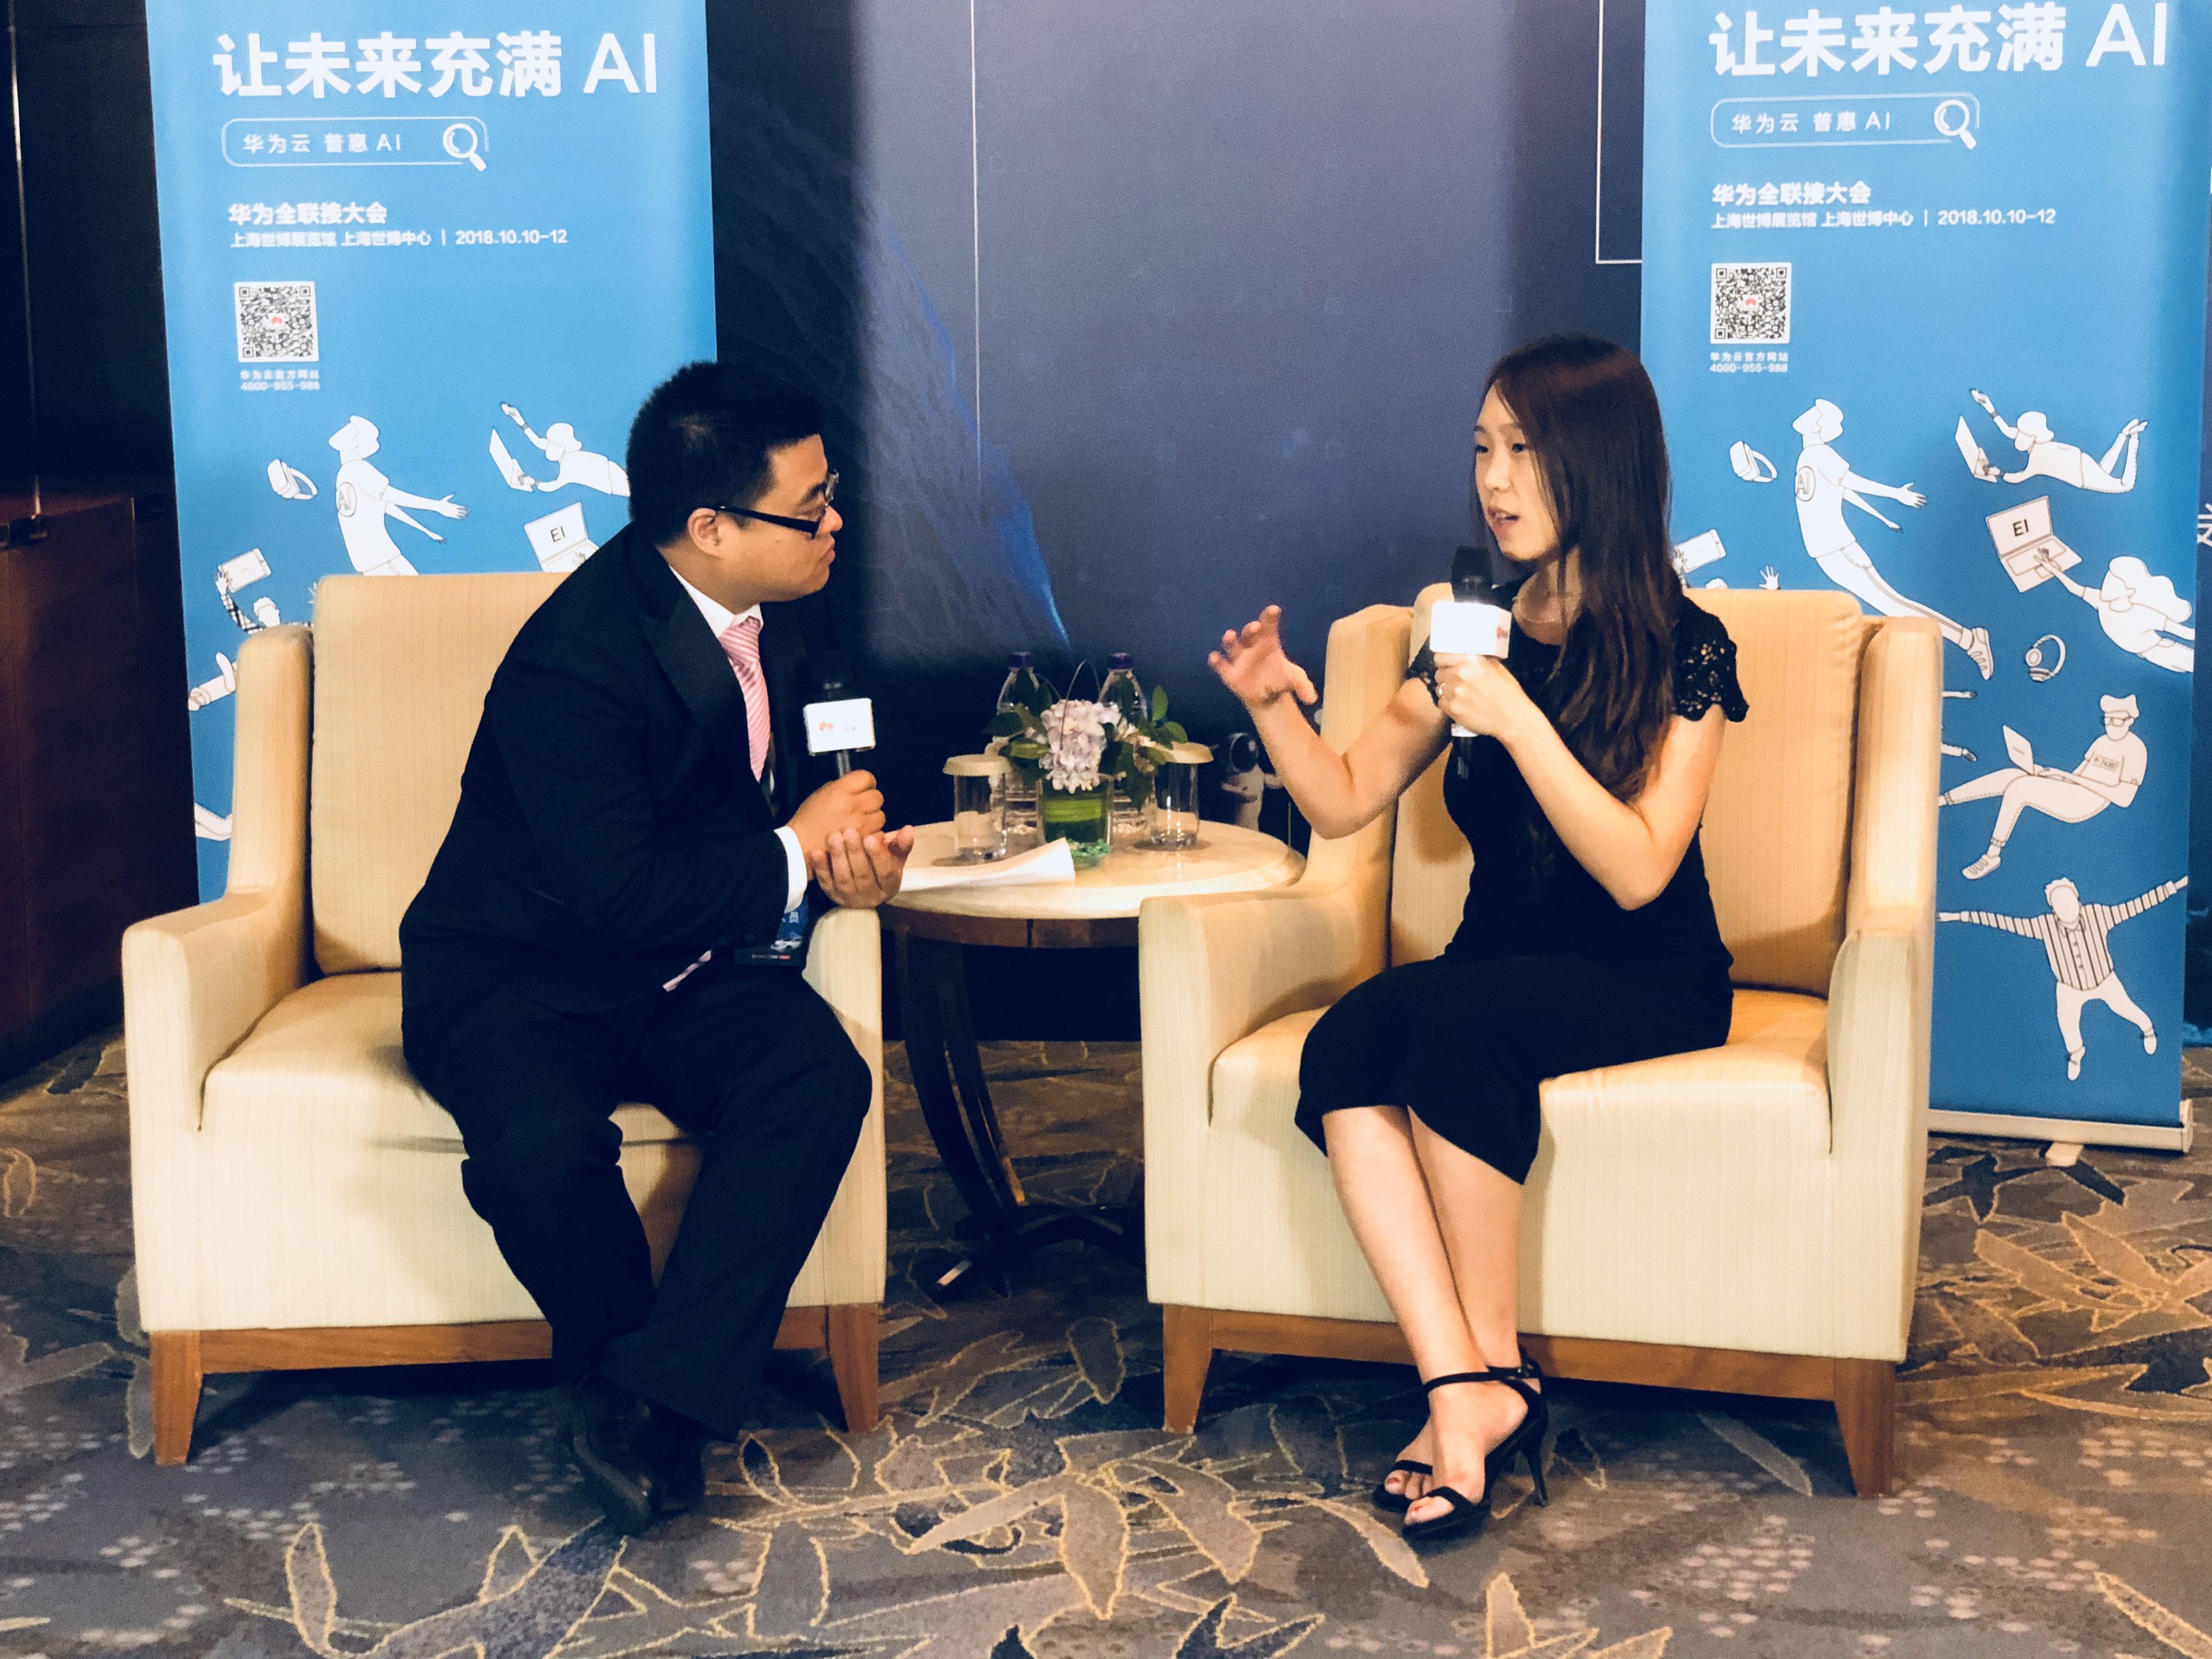 对话郝景芳:人工智能可以从多个方面赋能教育